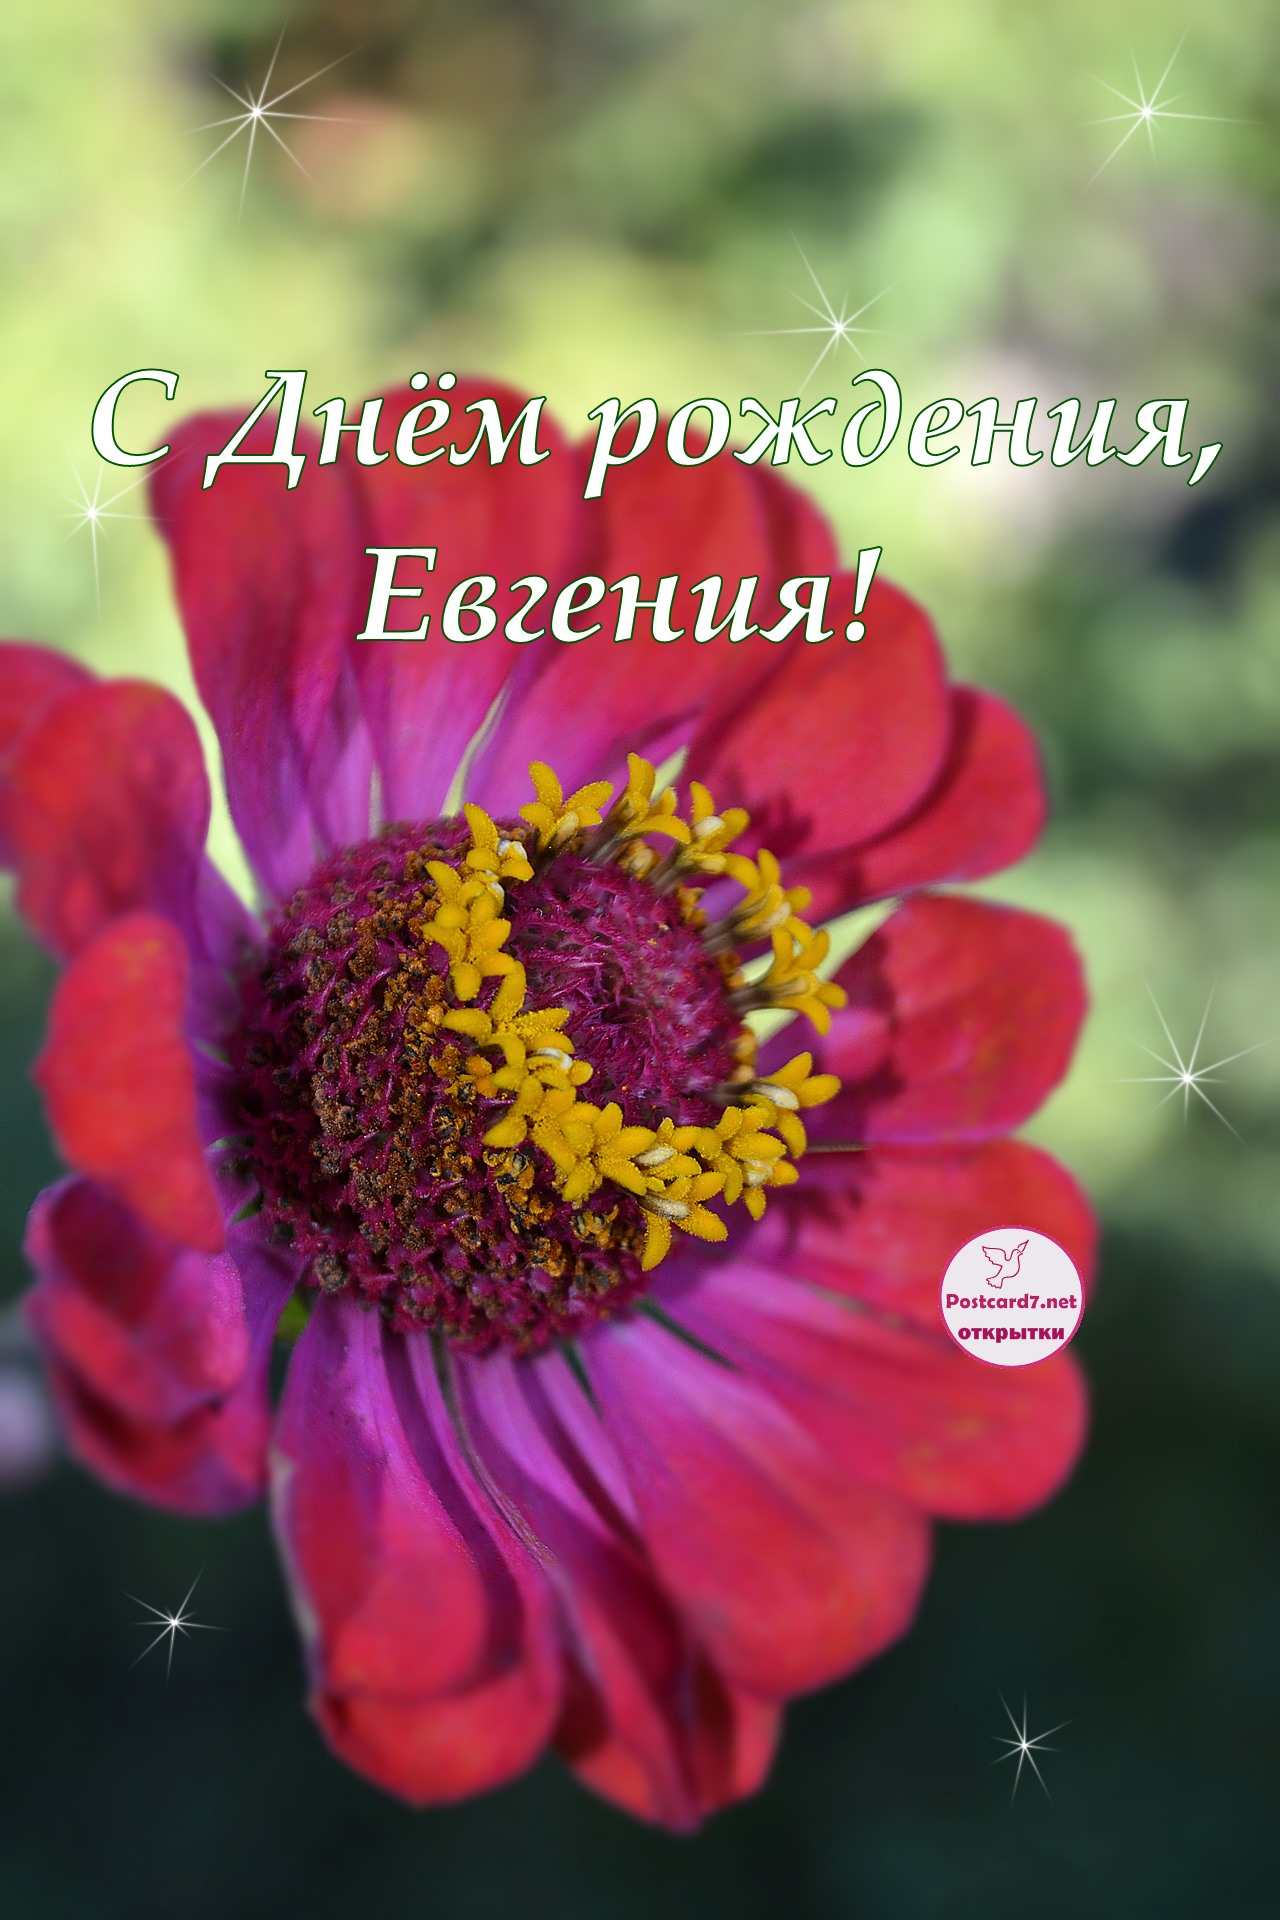 С днем рождения евгения открытка написано с днем рождения евгения, почтовых открыток